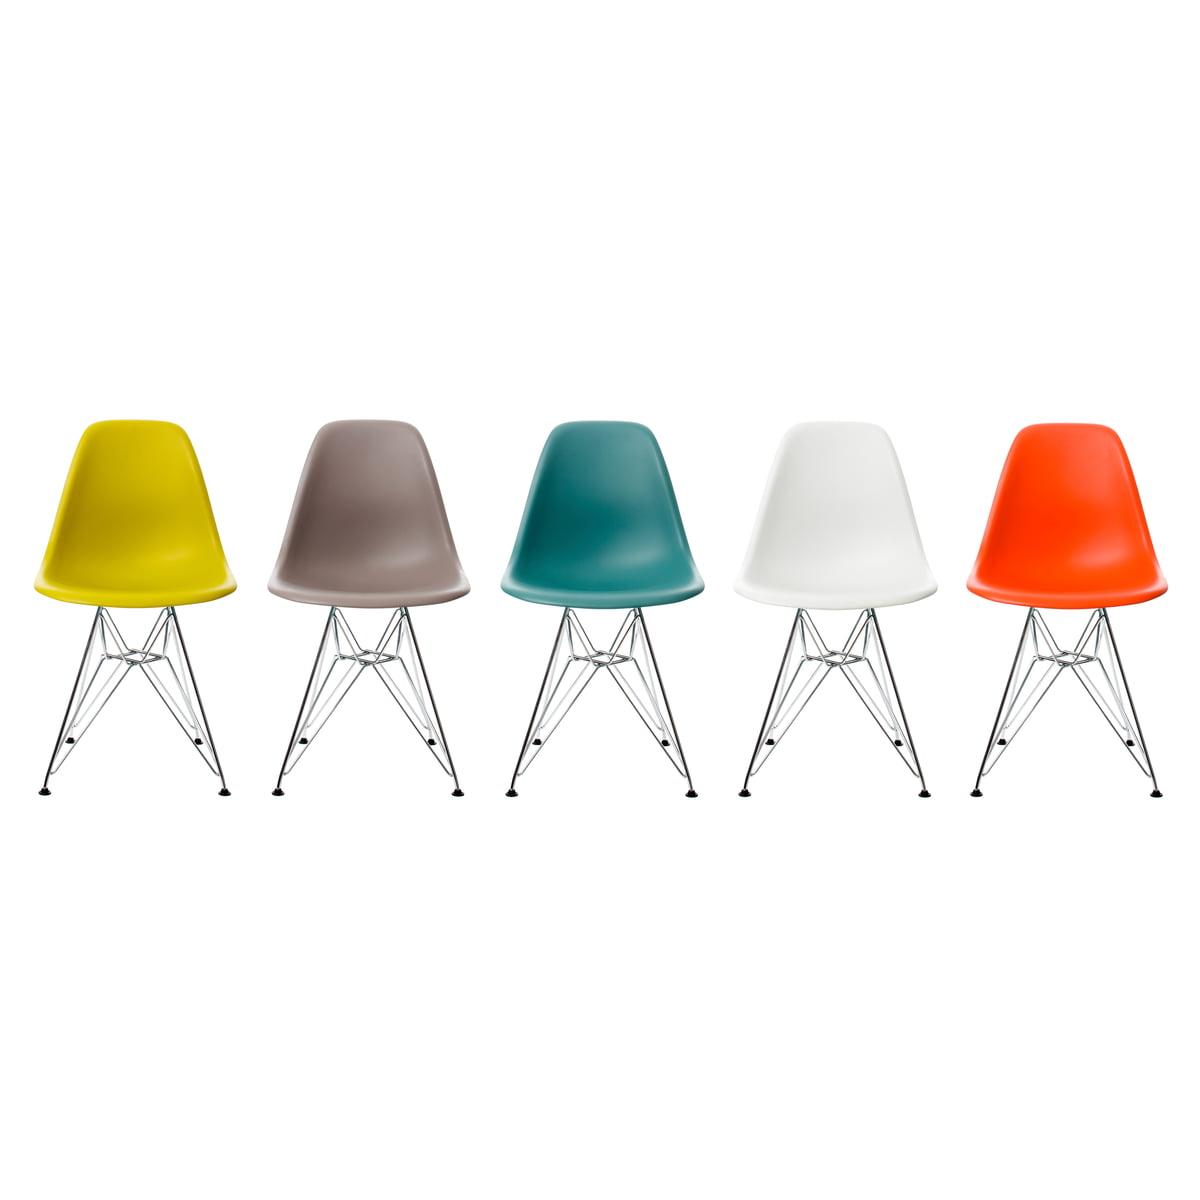 vitra dsr eames plastic side chair. Black Bedroom Furniture Sets. Home Design Ideas